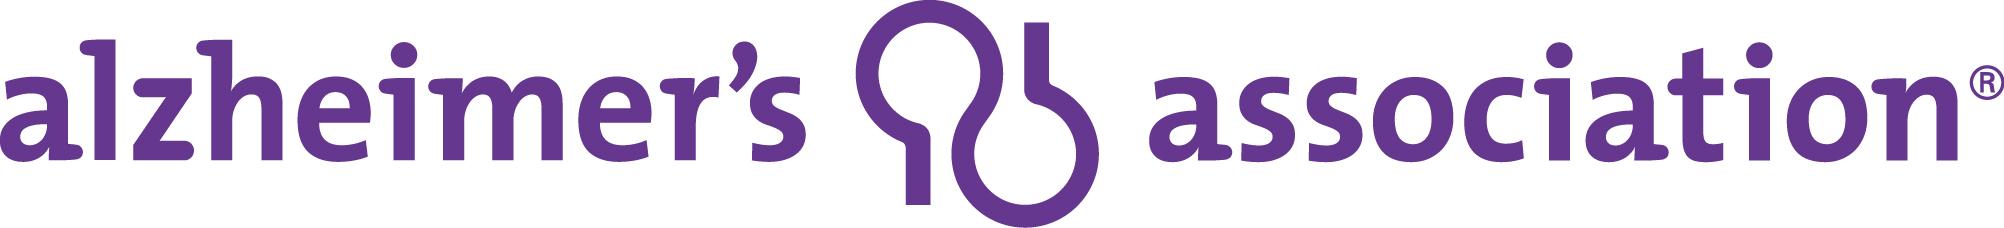 alz_horz_notag_purplergb